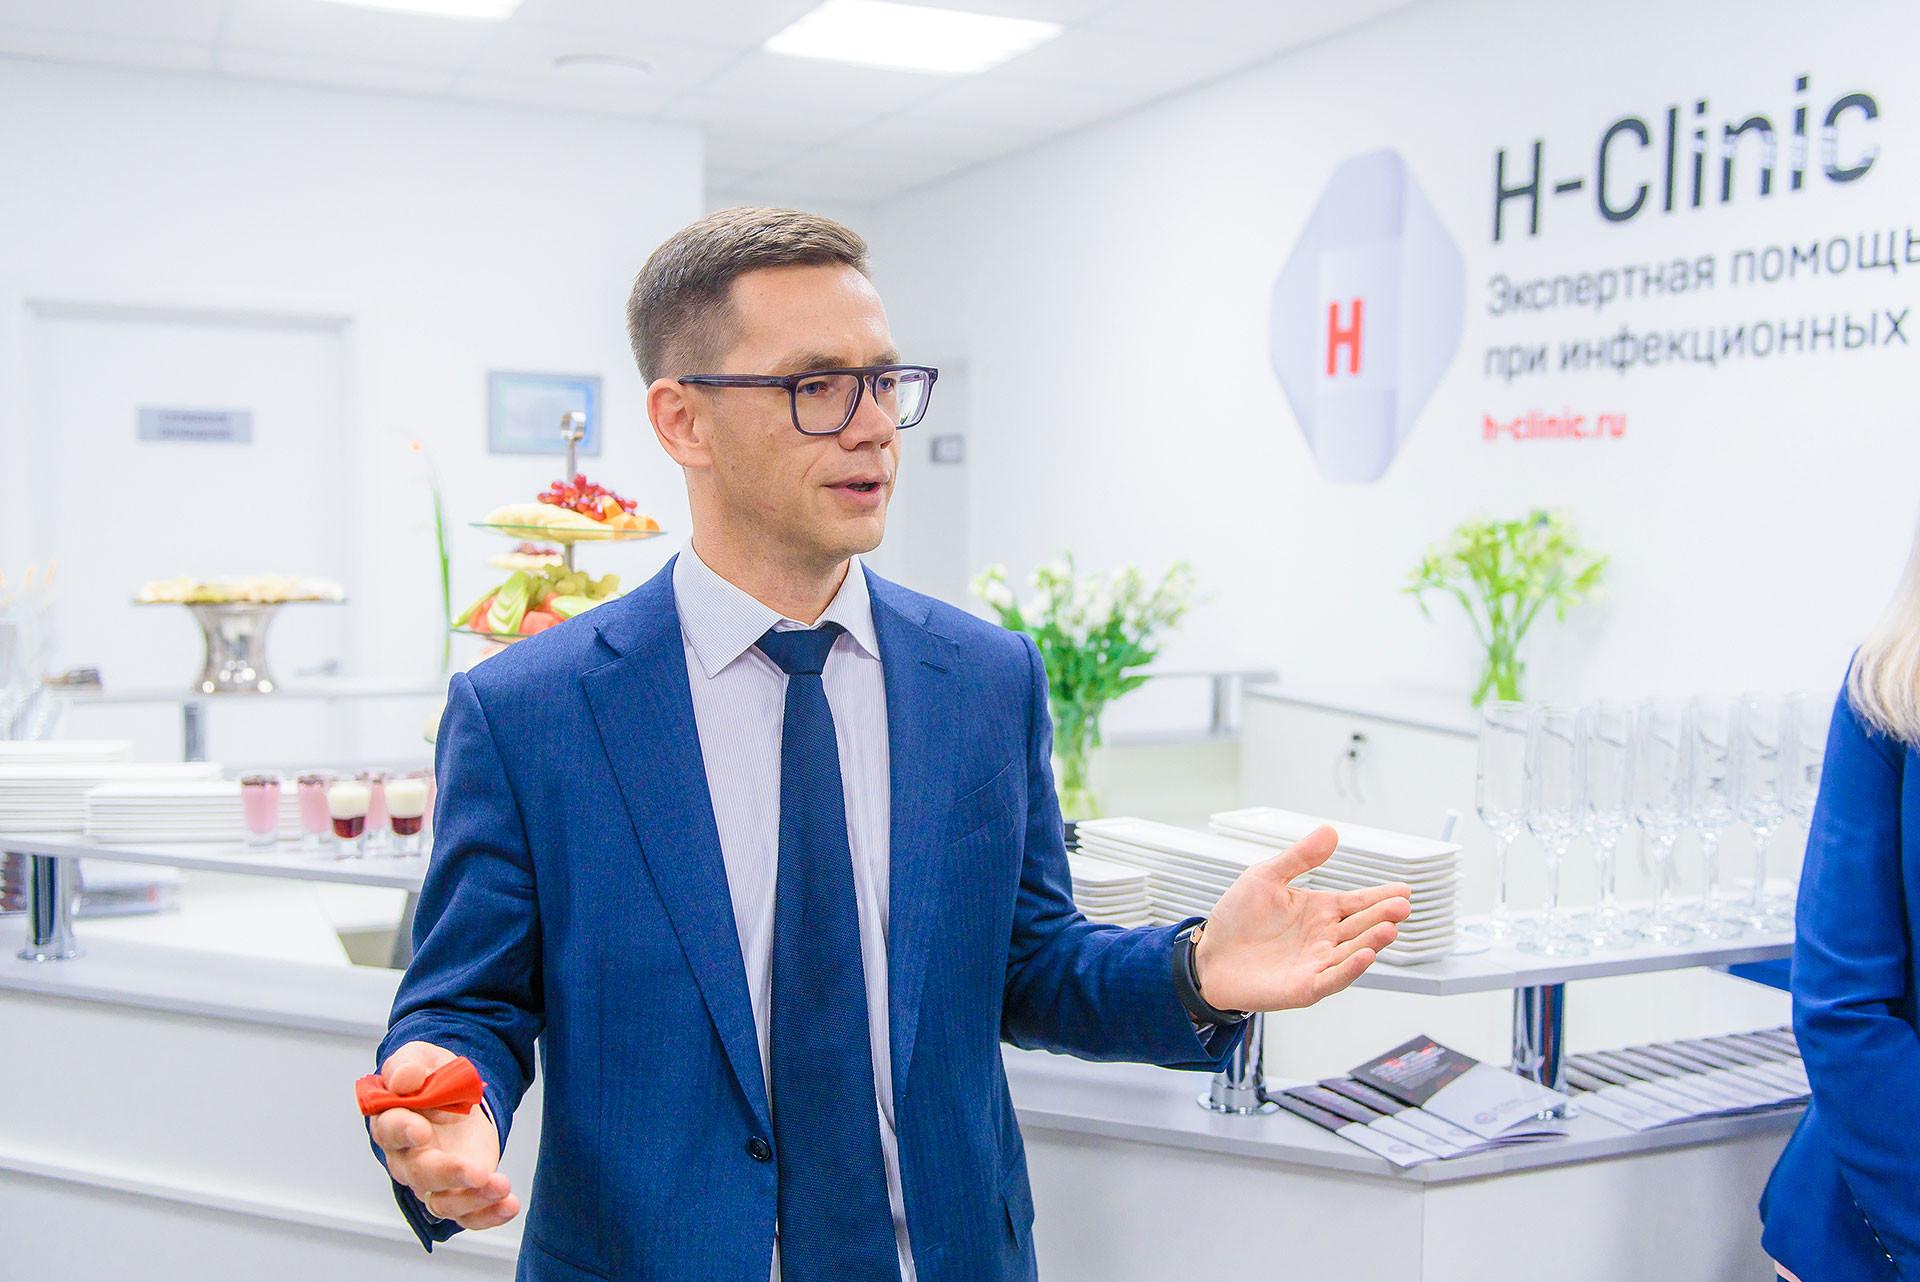 Генеральный директор H-Clinic Андрей Злобин. Фото: © H-Clinic